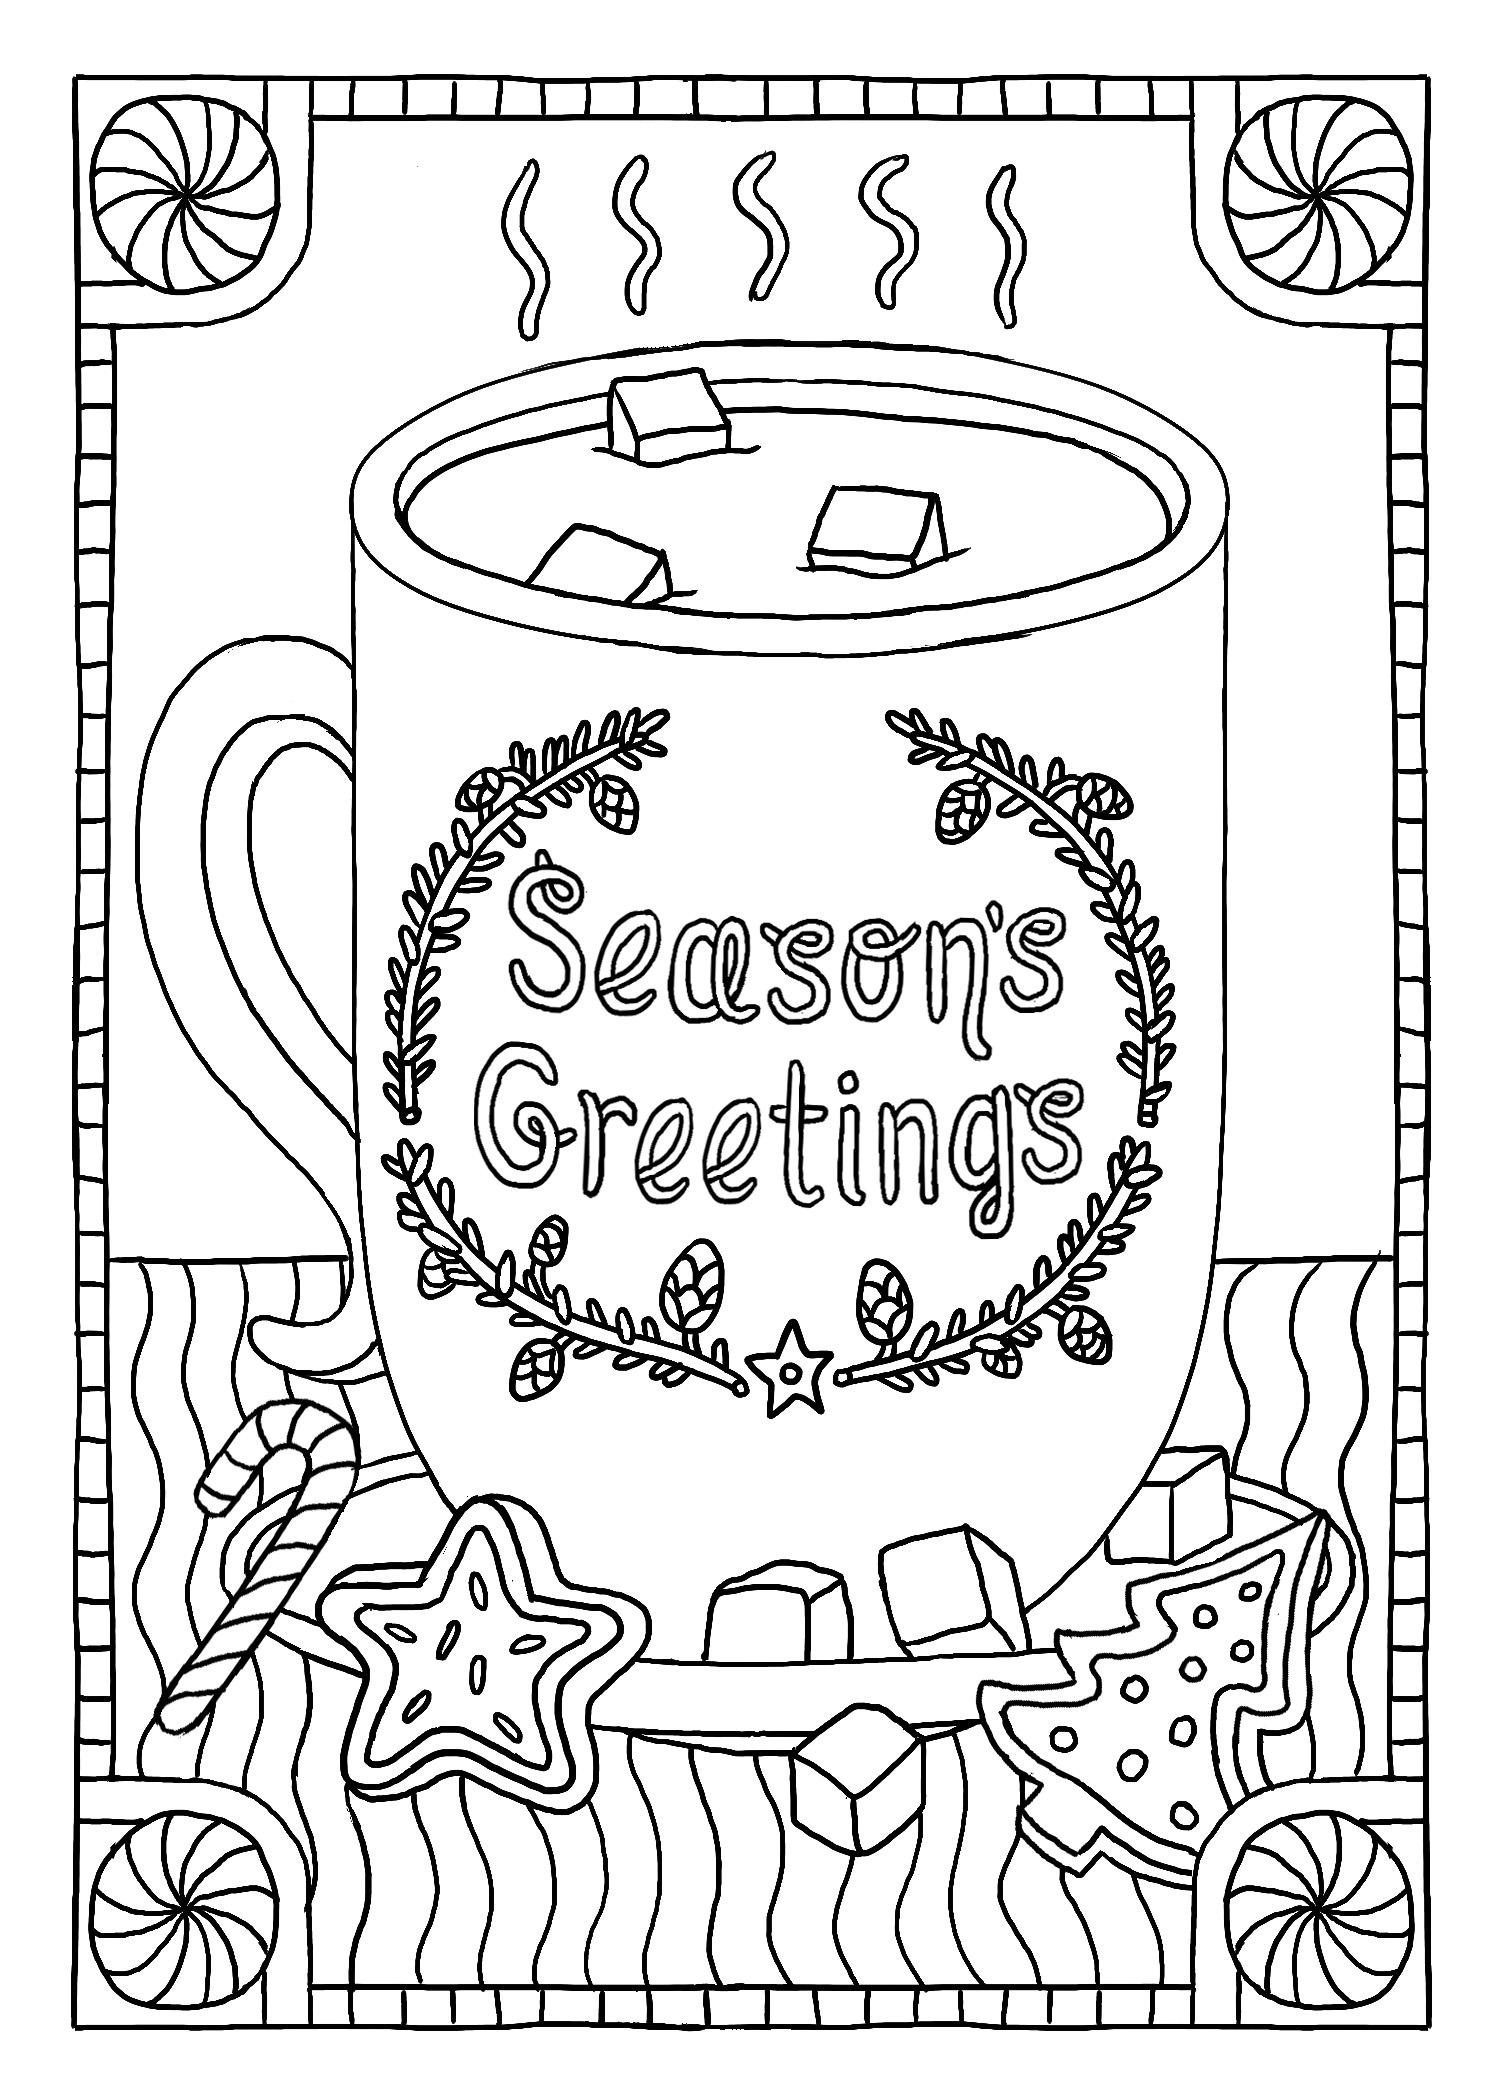 Seasons Greetings mug | Christmas coloring pages